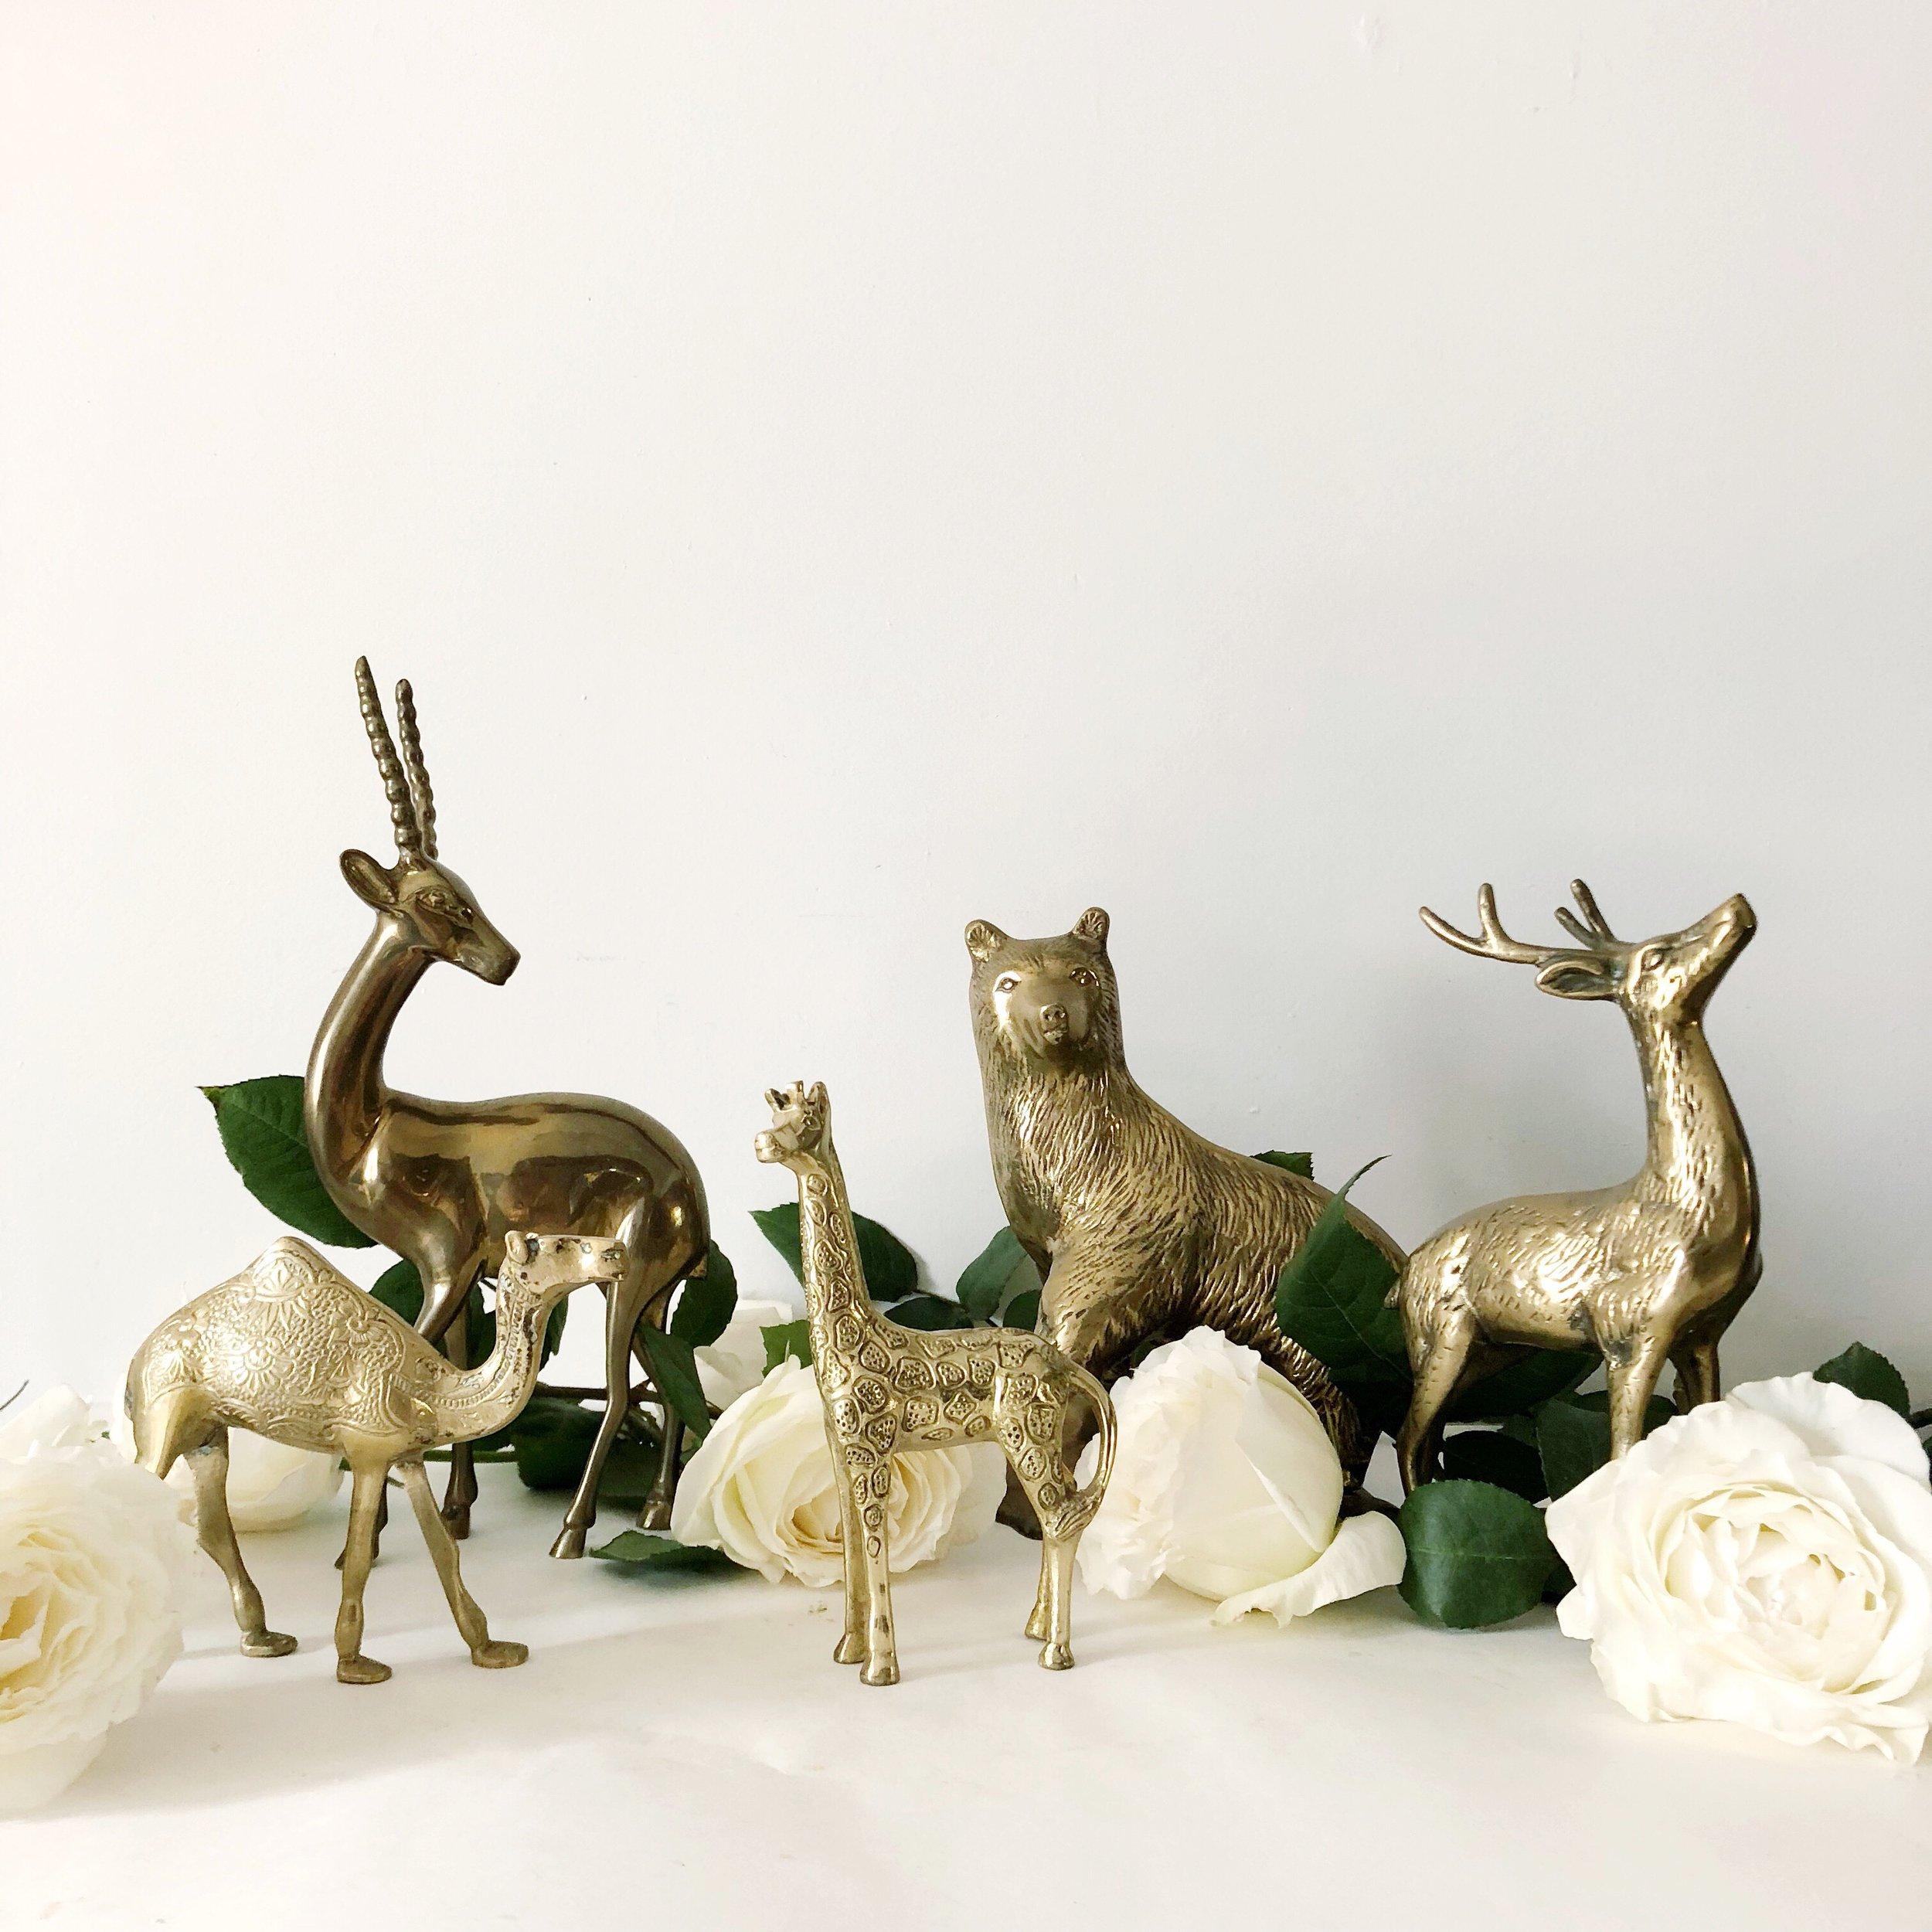 vintage brass animals (30+ varied animals)